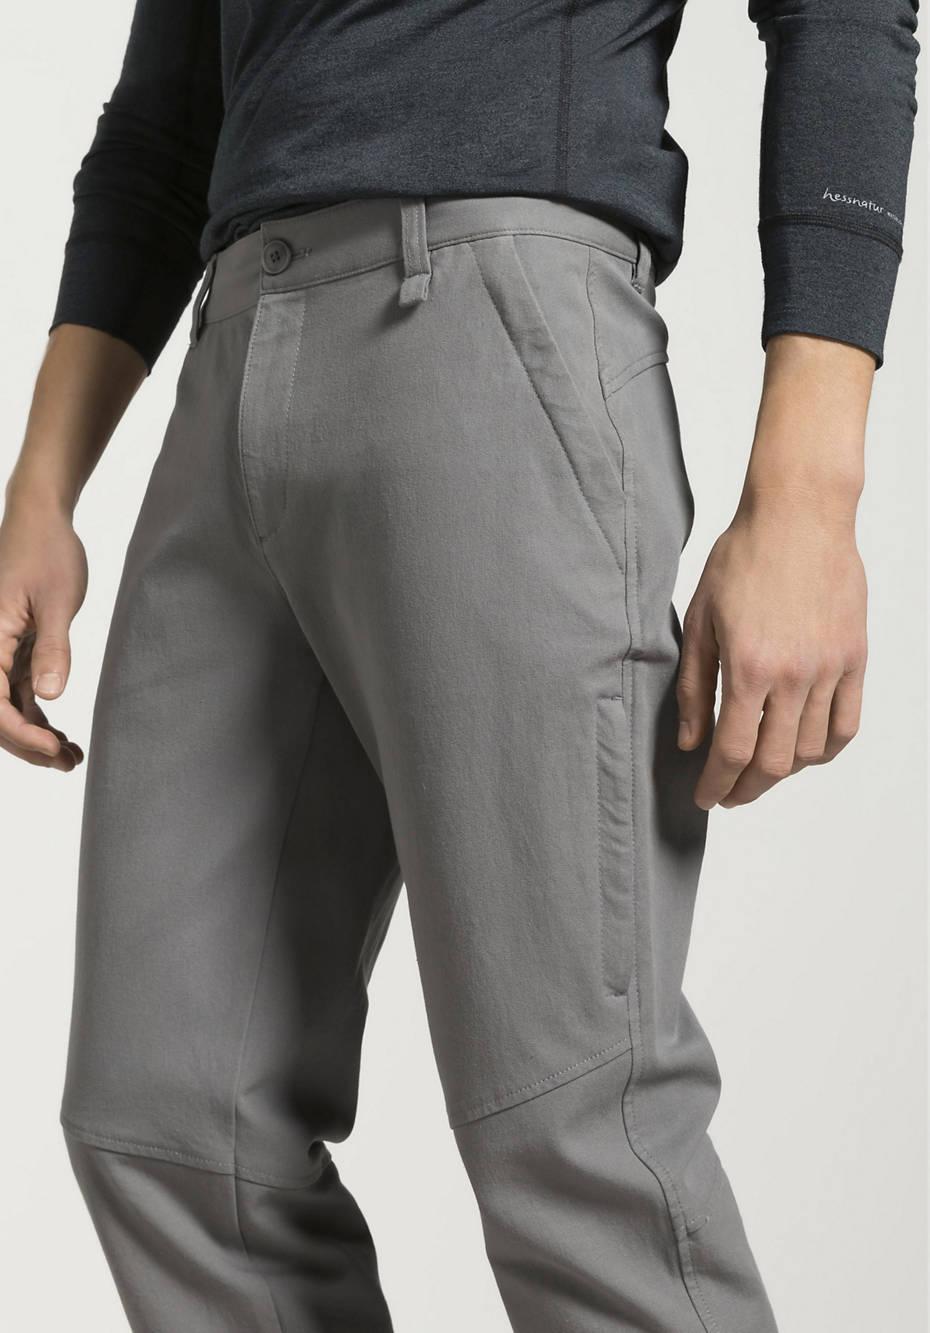 Trekking-Hose aus Bio-Baumwolle